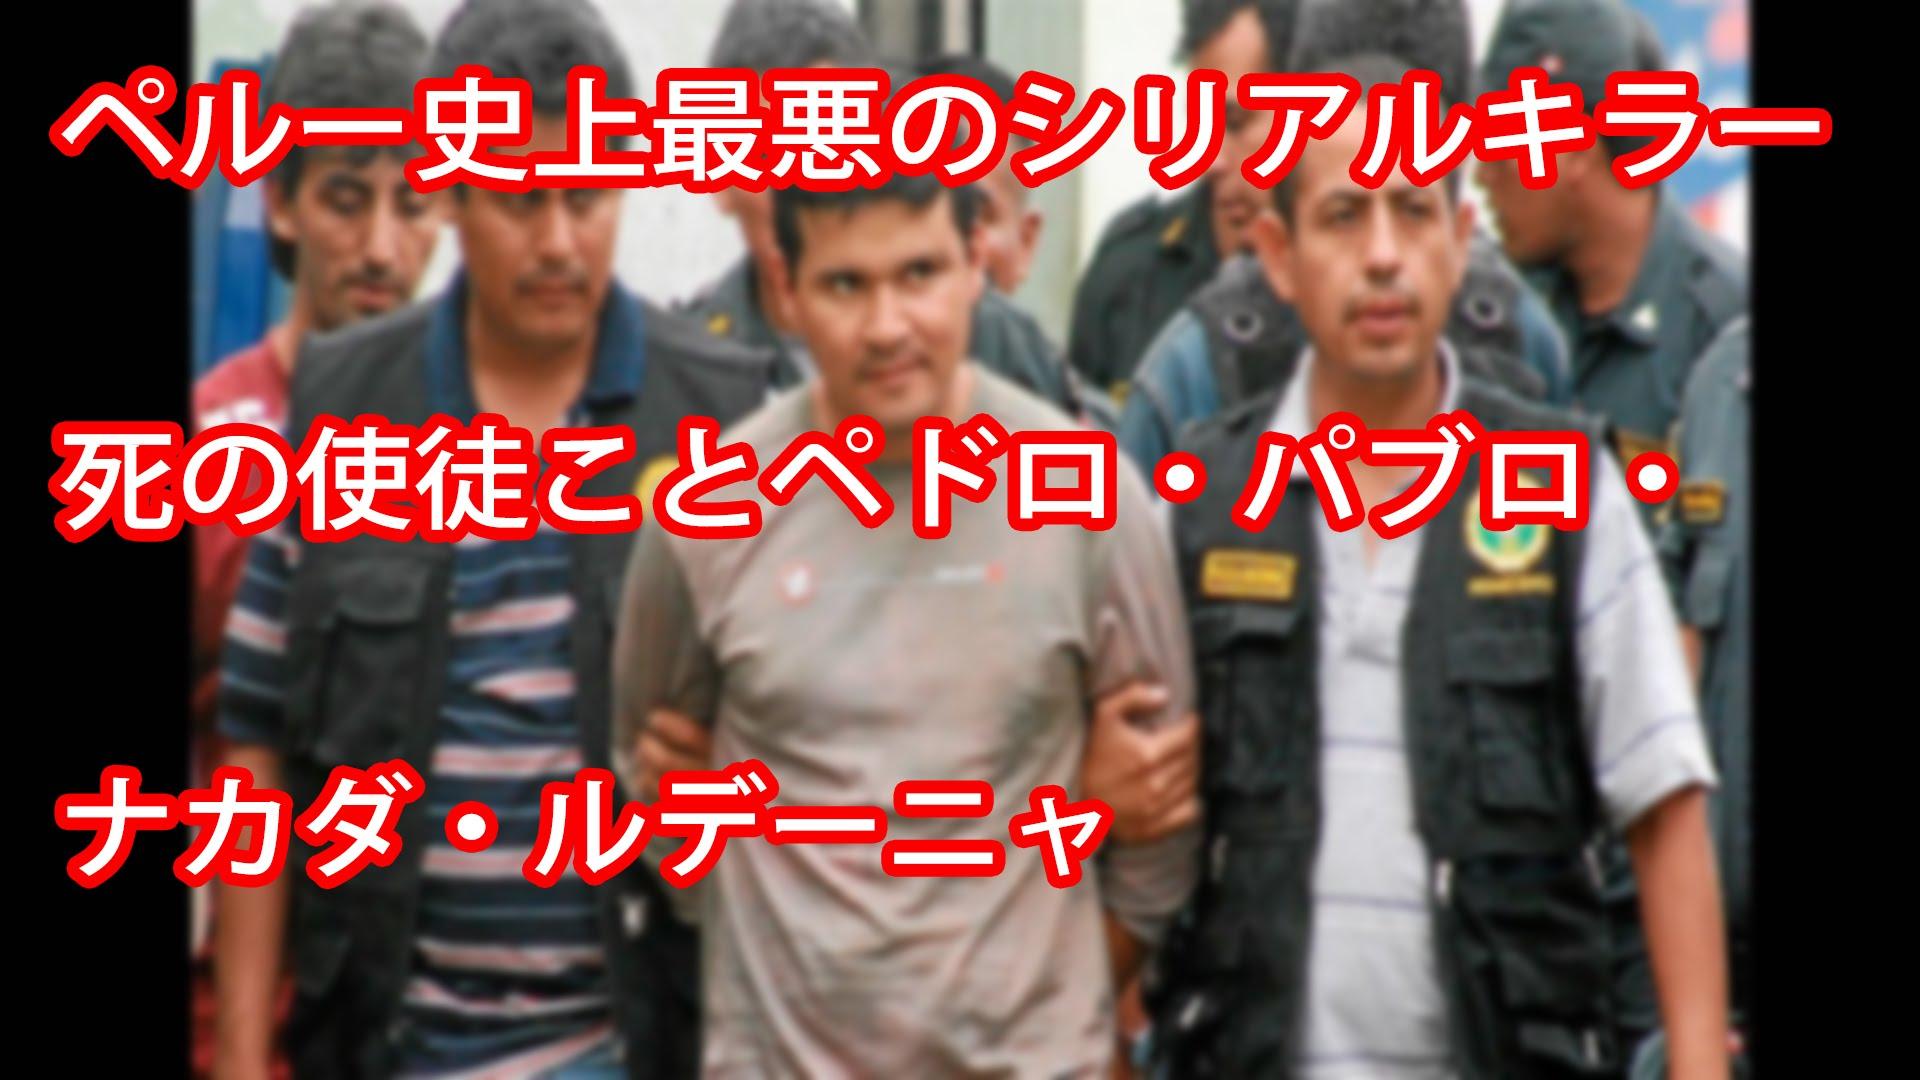 埼玉6人殺人事件のペルー人ナカダ容疑者の兄は17人も殺害した殺人鬼だった・・・